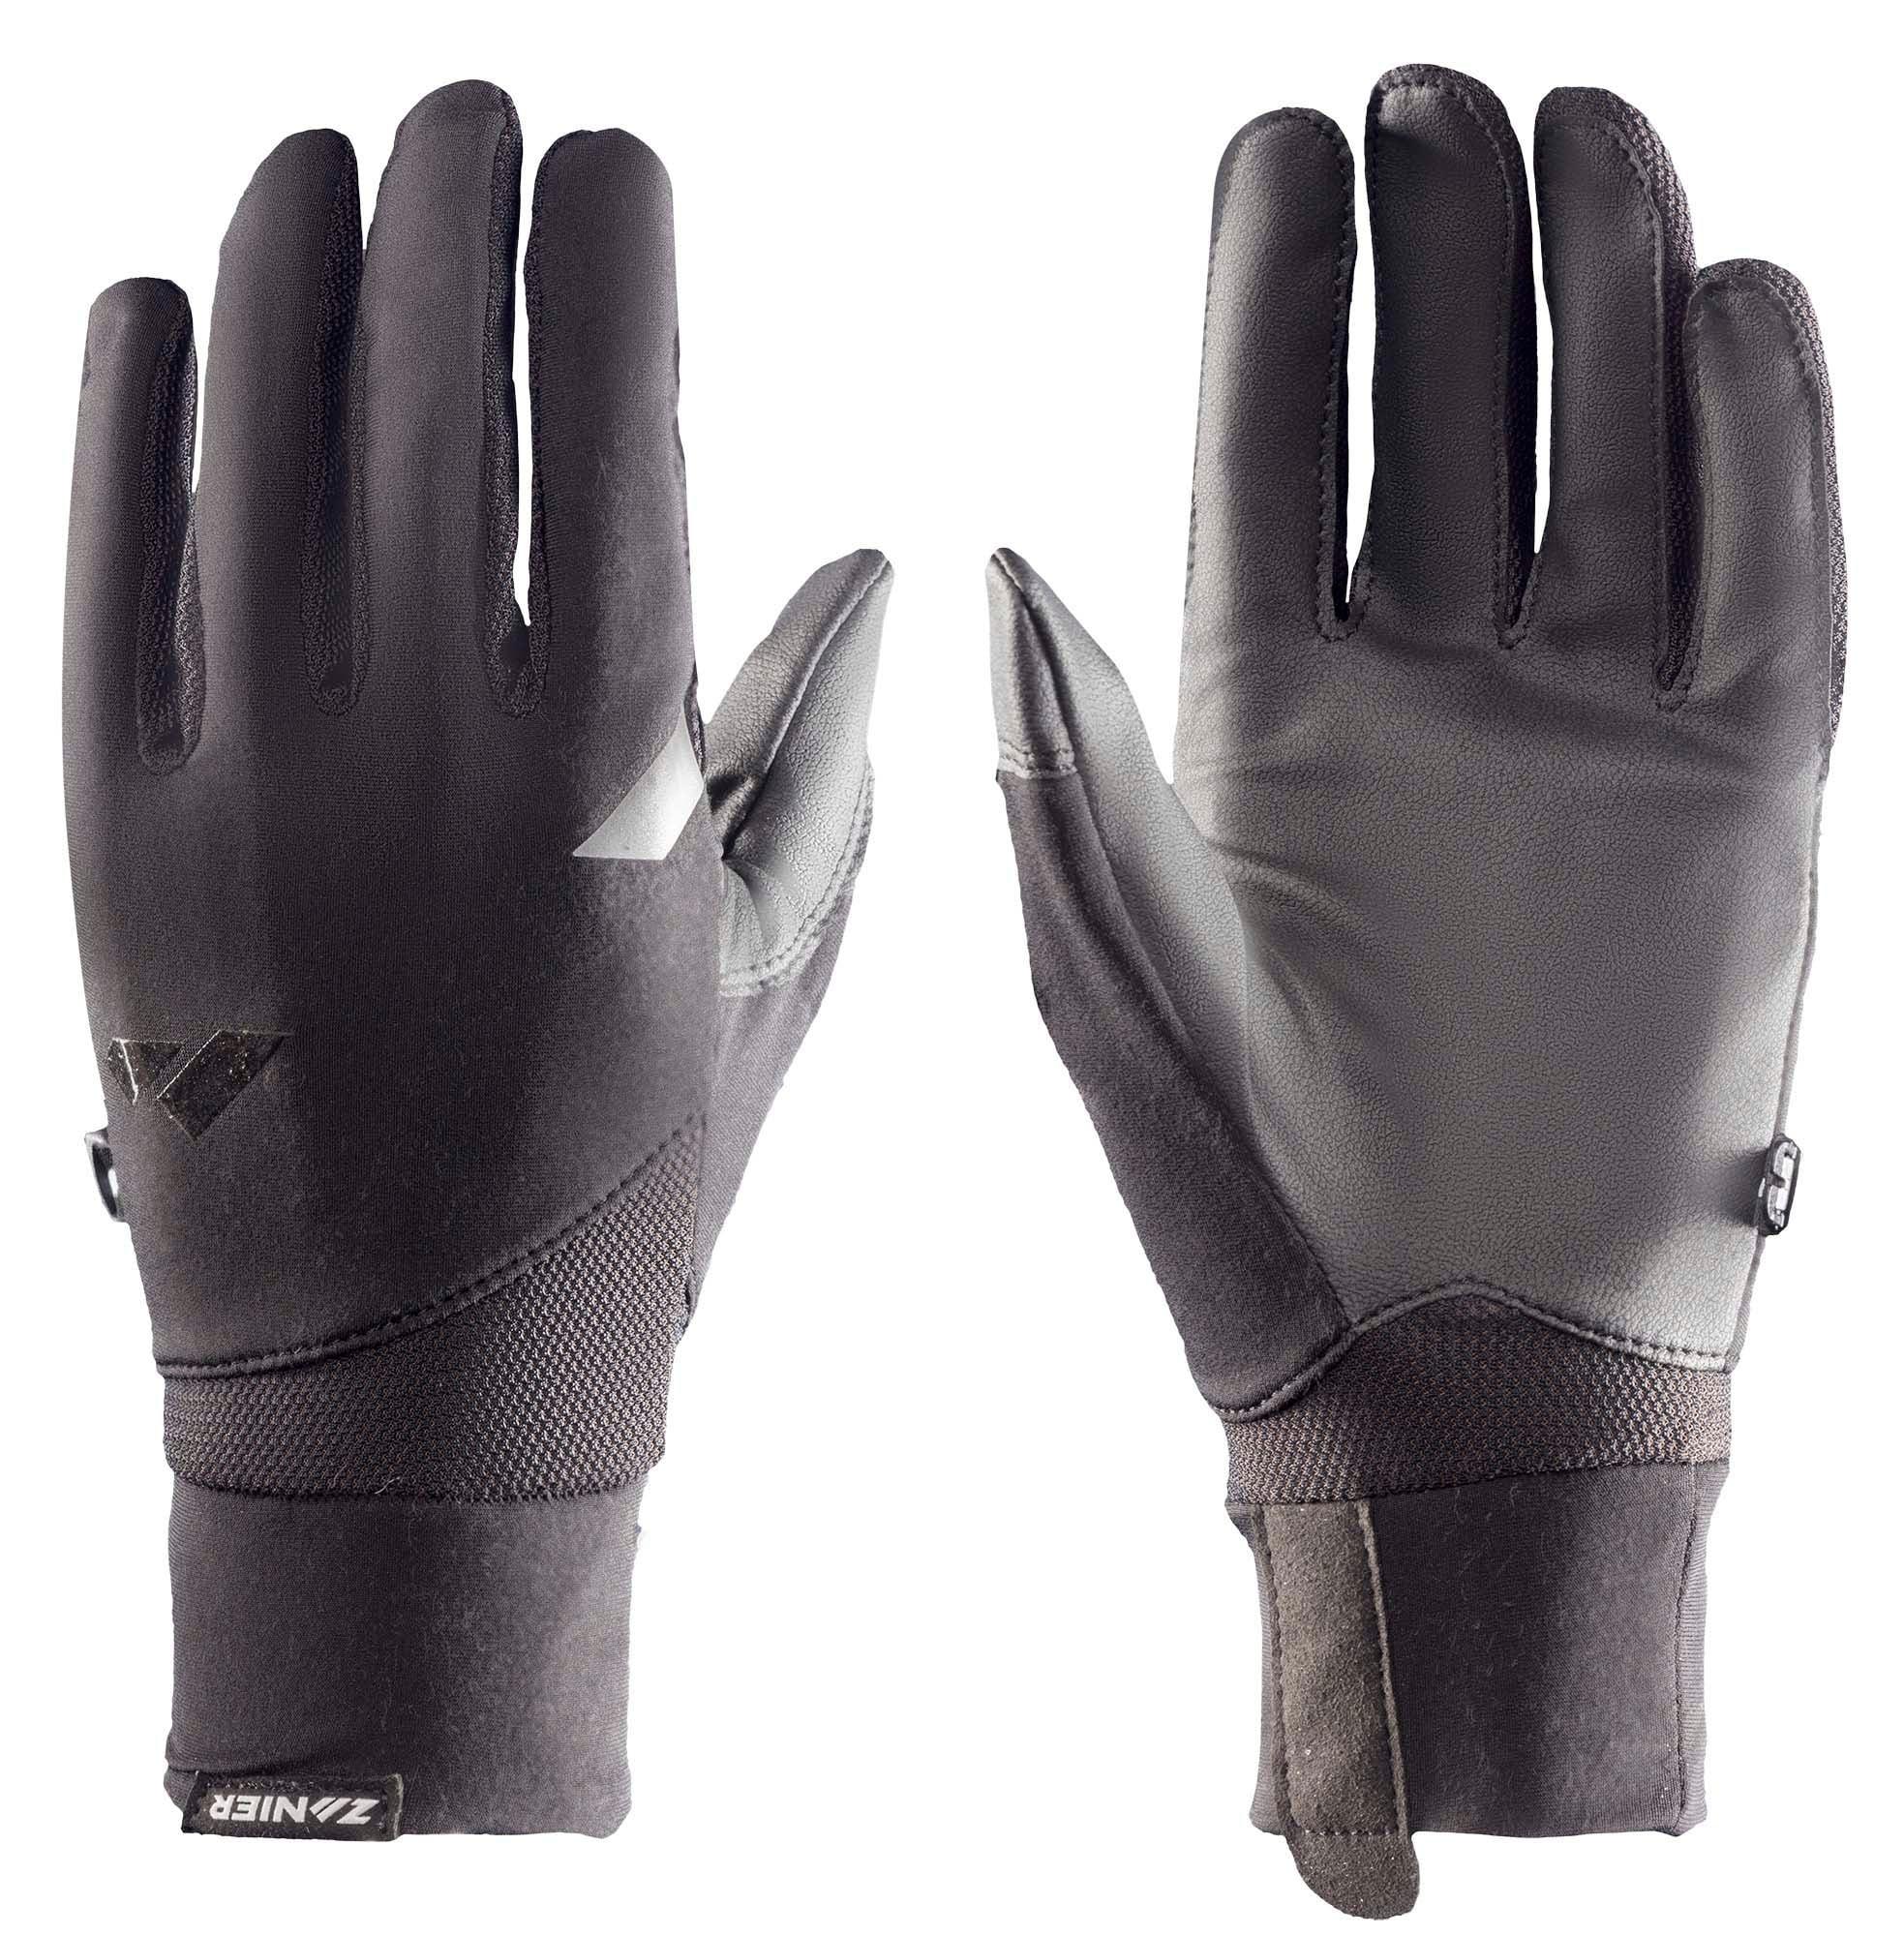 Handschuhe | Accessoires > Handschuhe | Zanier